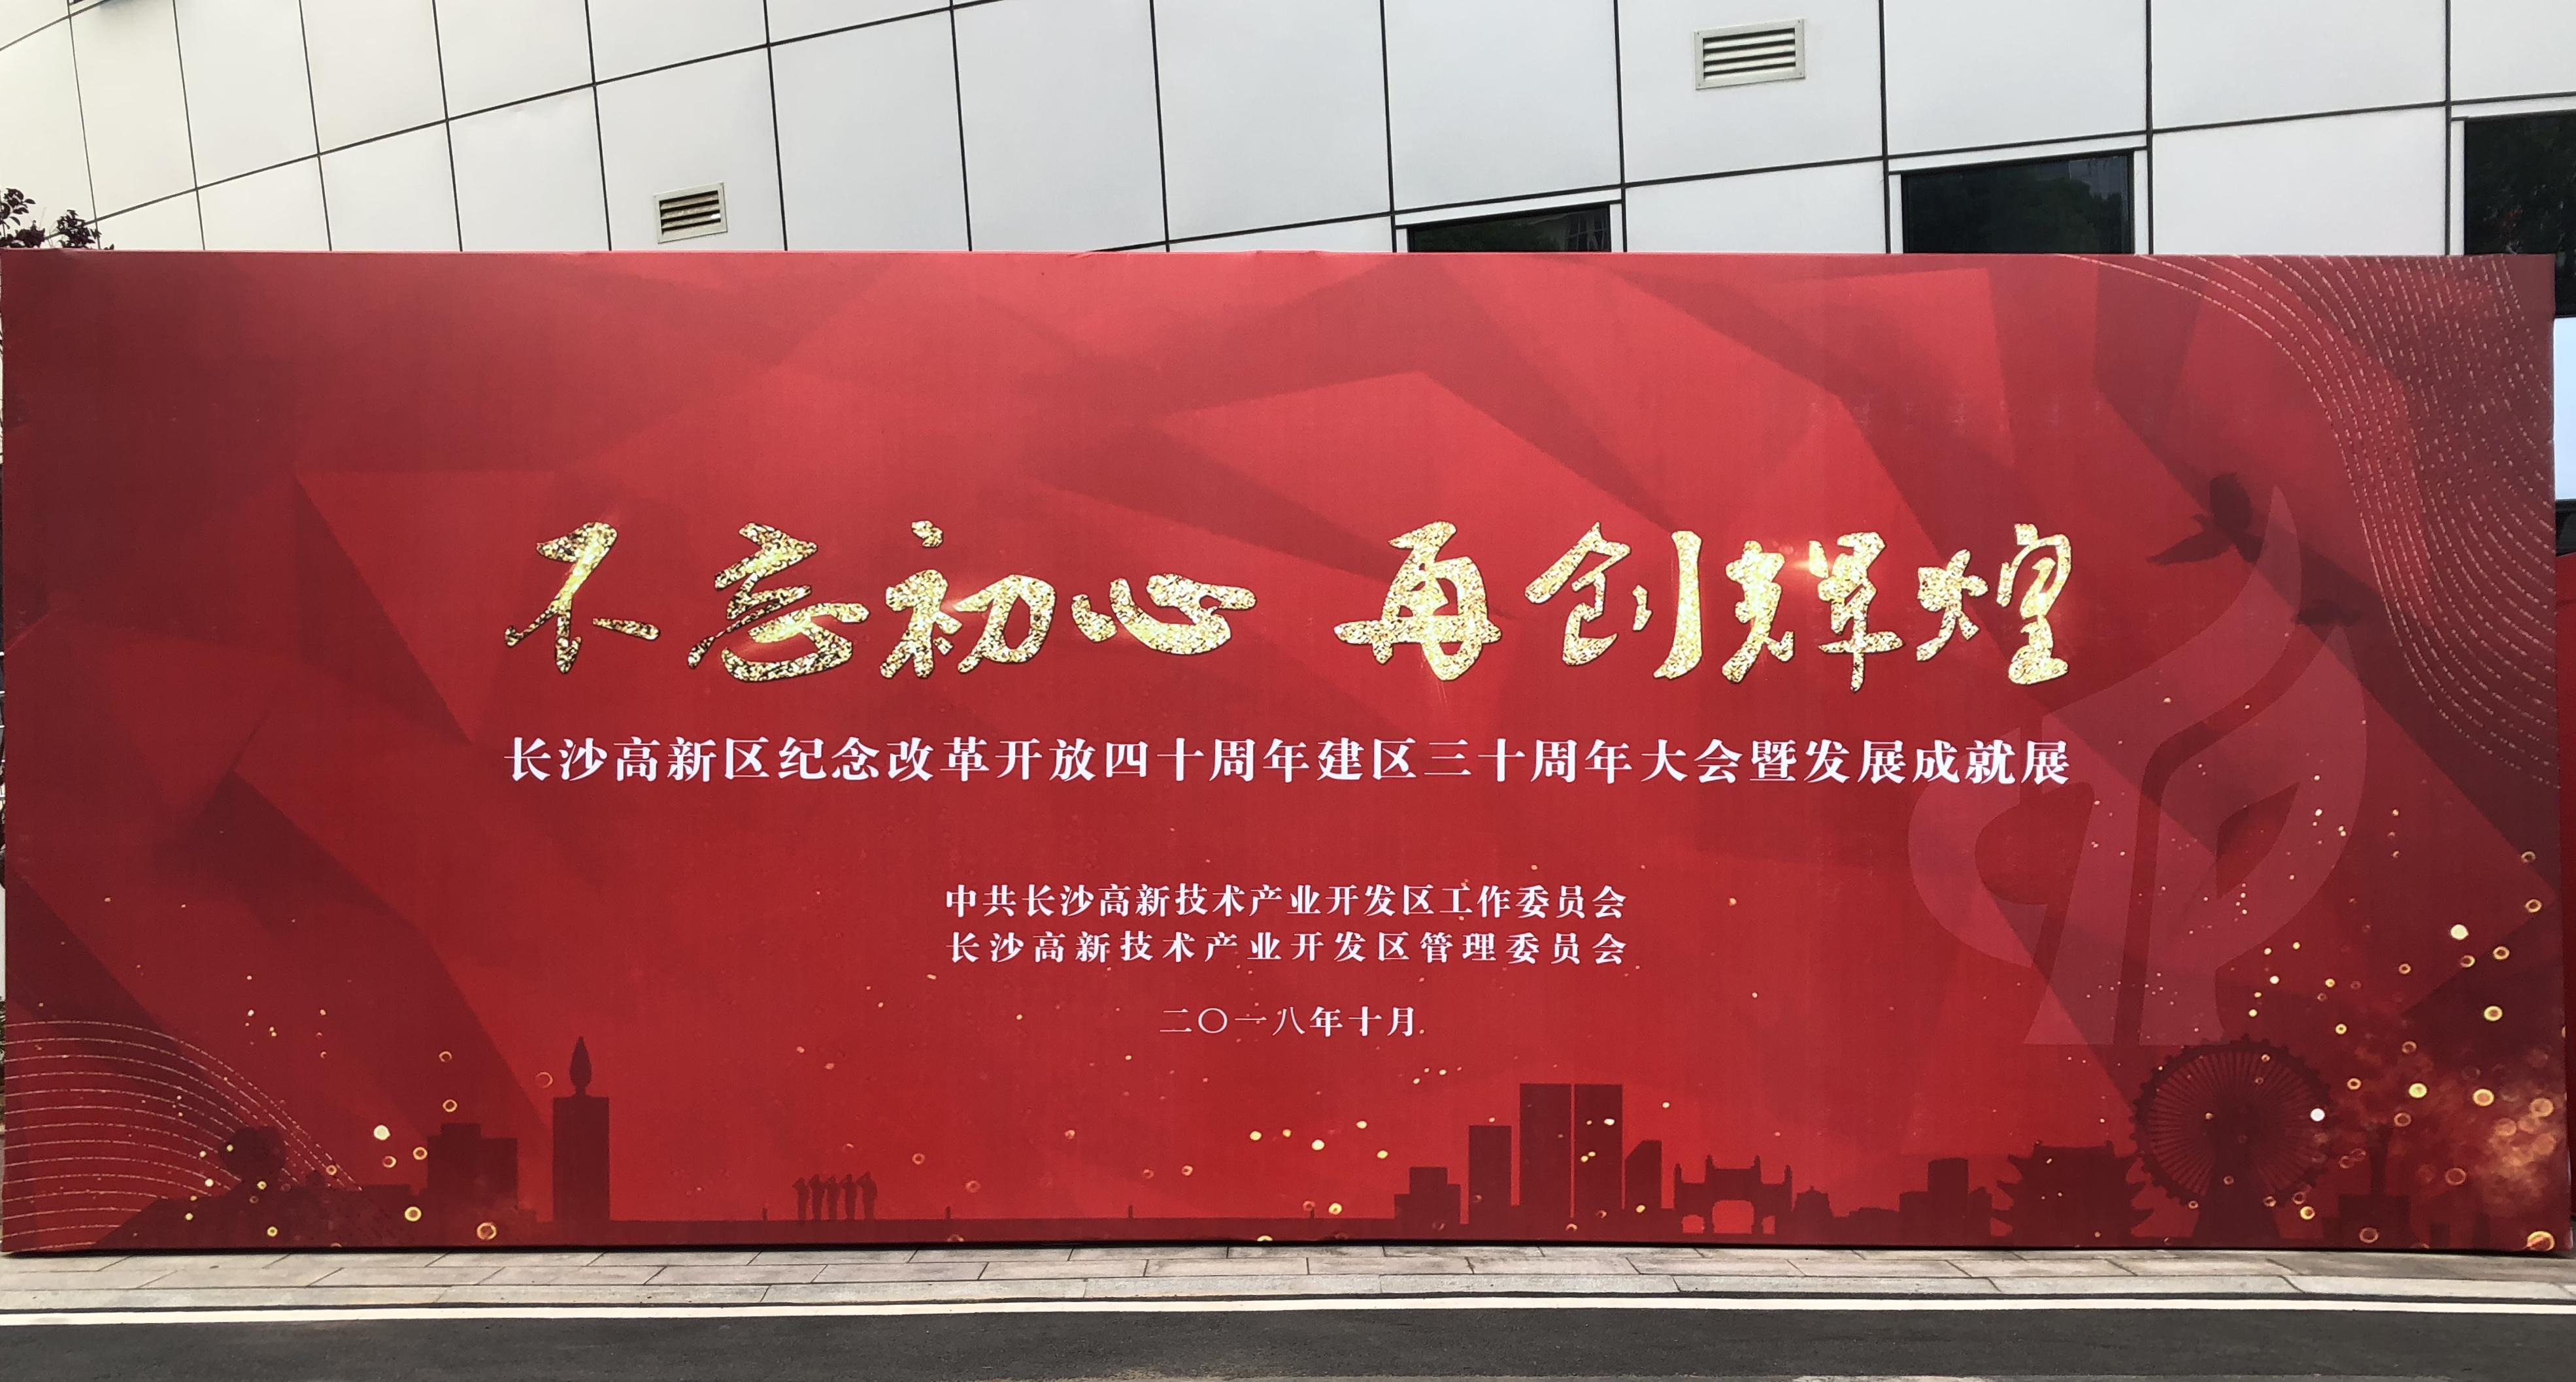 """喜报 ▏董事长李波荣获长沙高新区建区30周年""""优秀人才""""称号"""